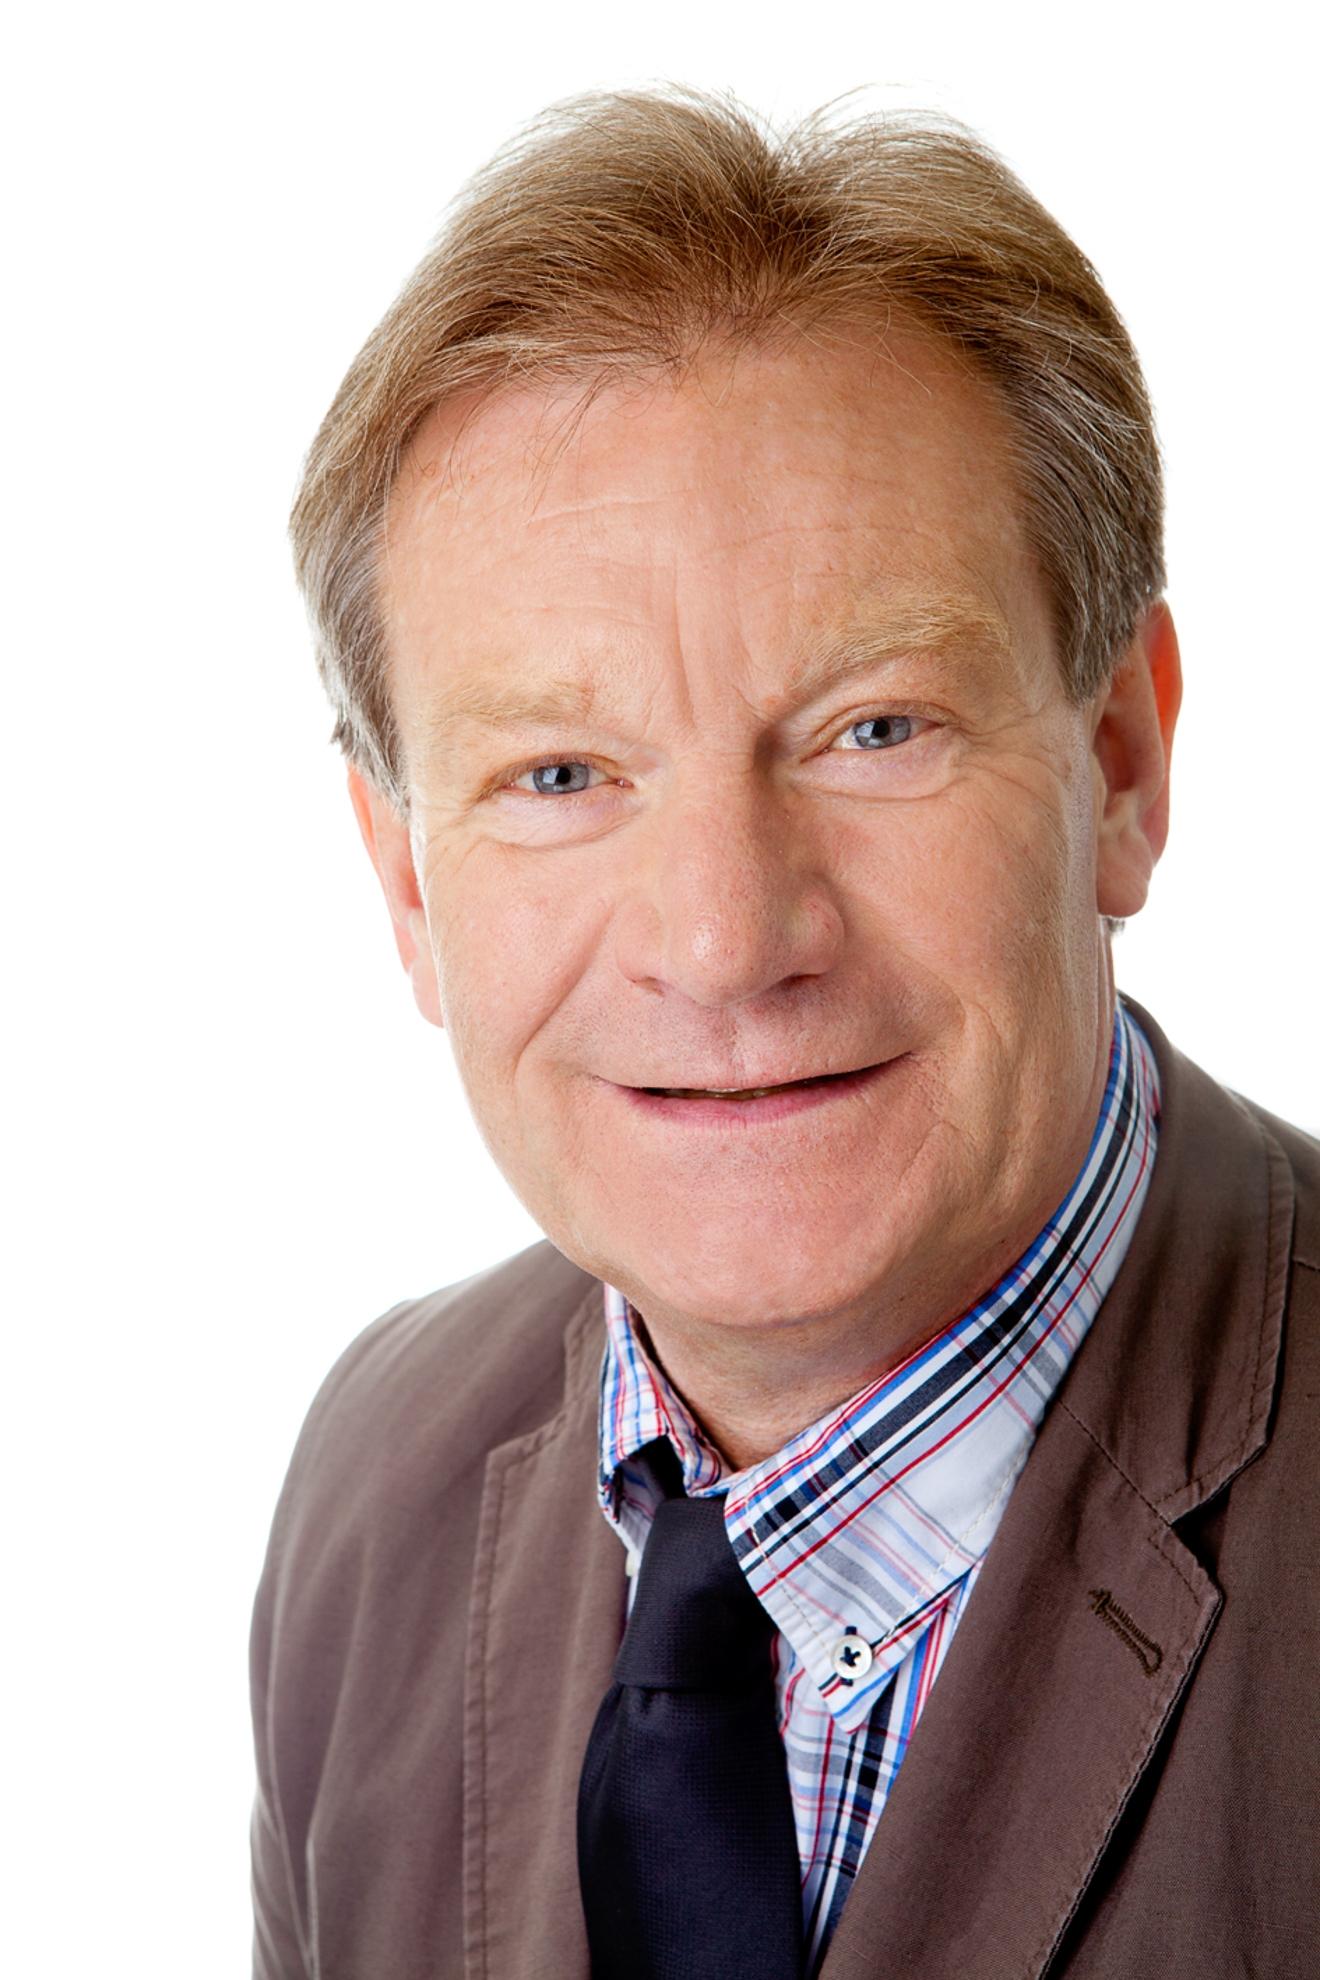 Heinrich Kramer